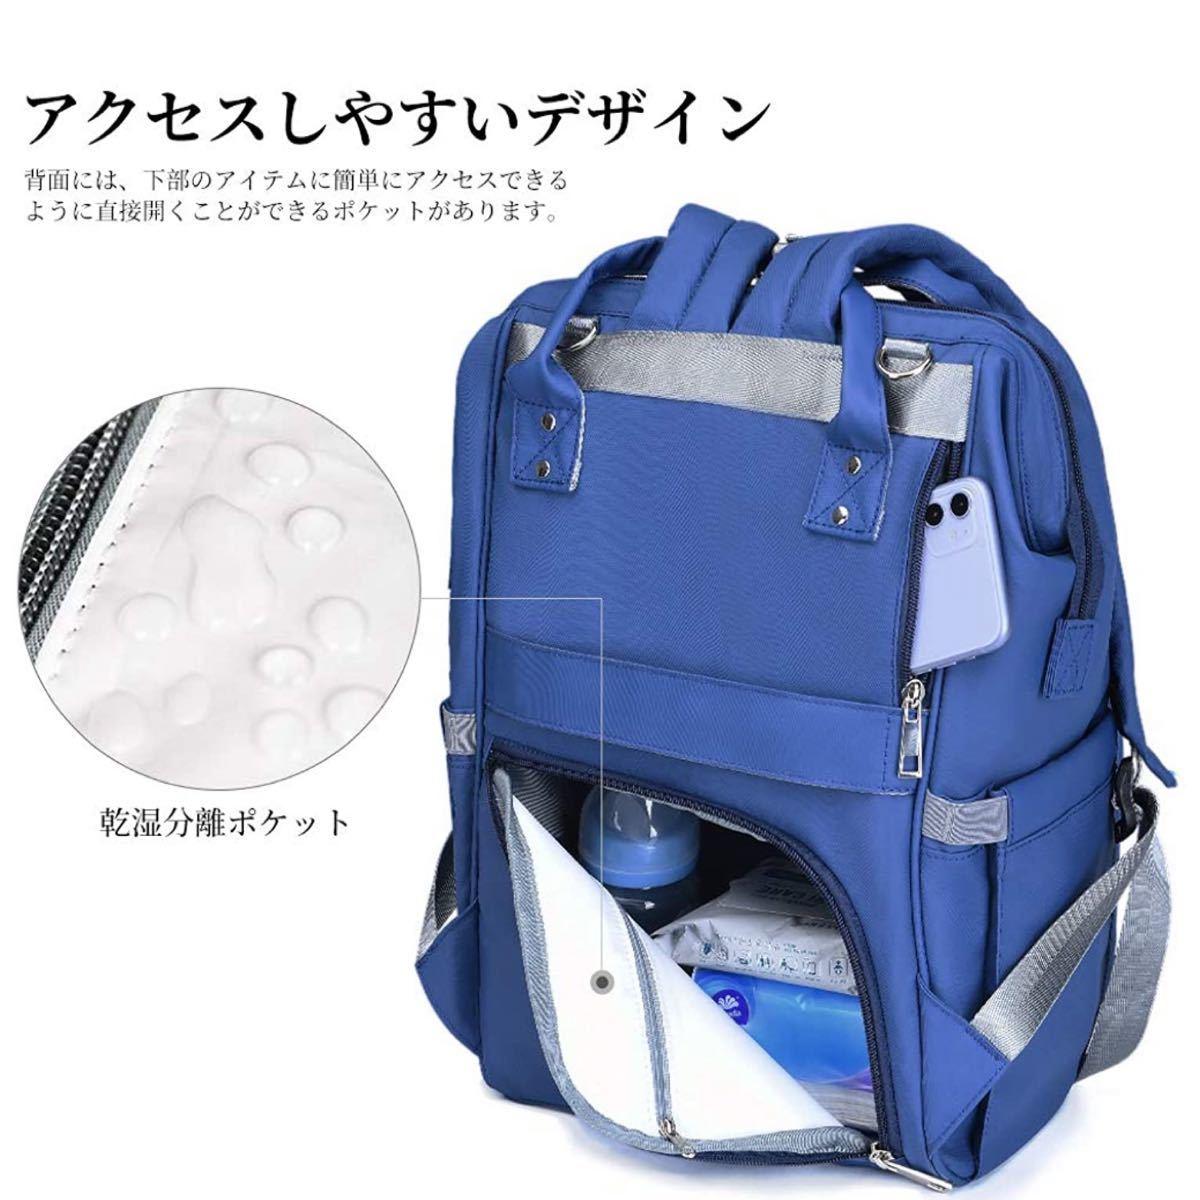 マザーズバッグ リュック 防水 多機能 盗難防止ポケット 保温ポケット付き